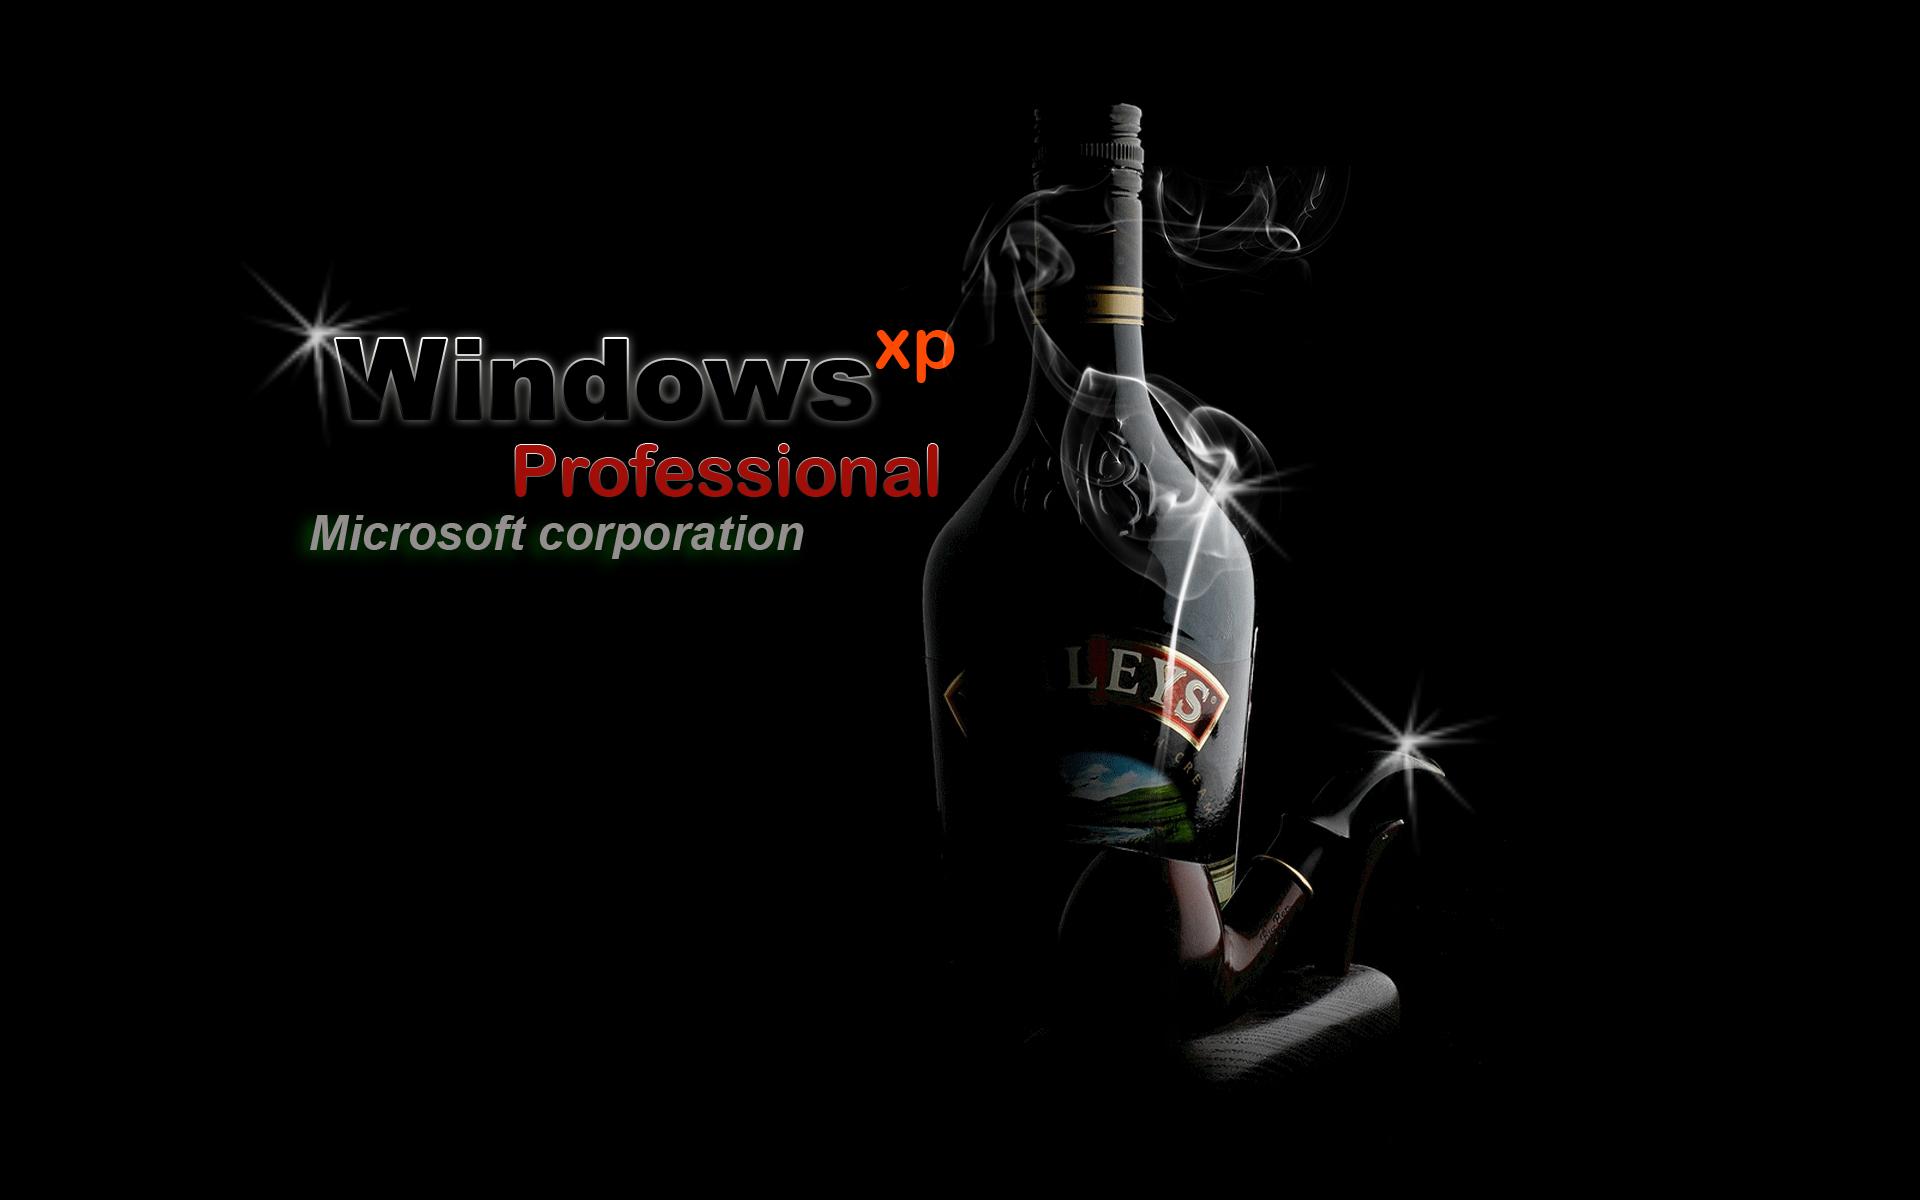 壁紙 ウィンドウズ Xp Windows コンピューター ダウンロード 写真